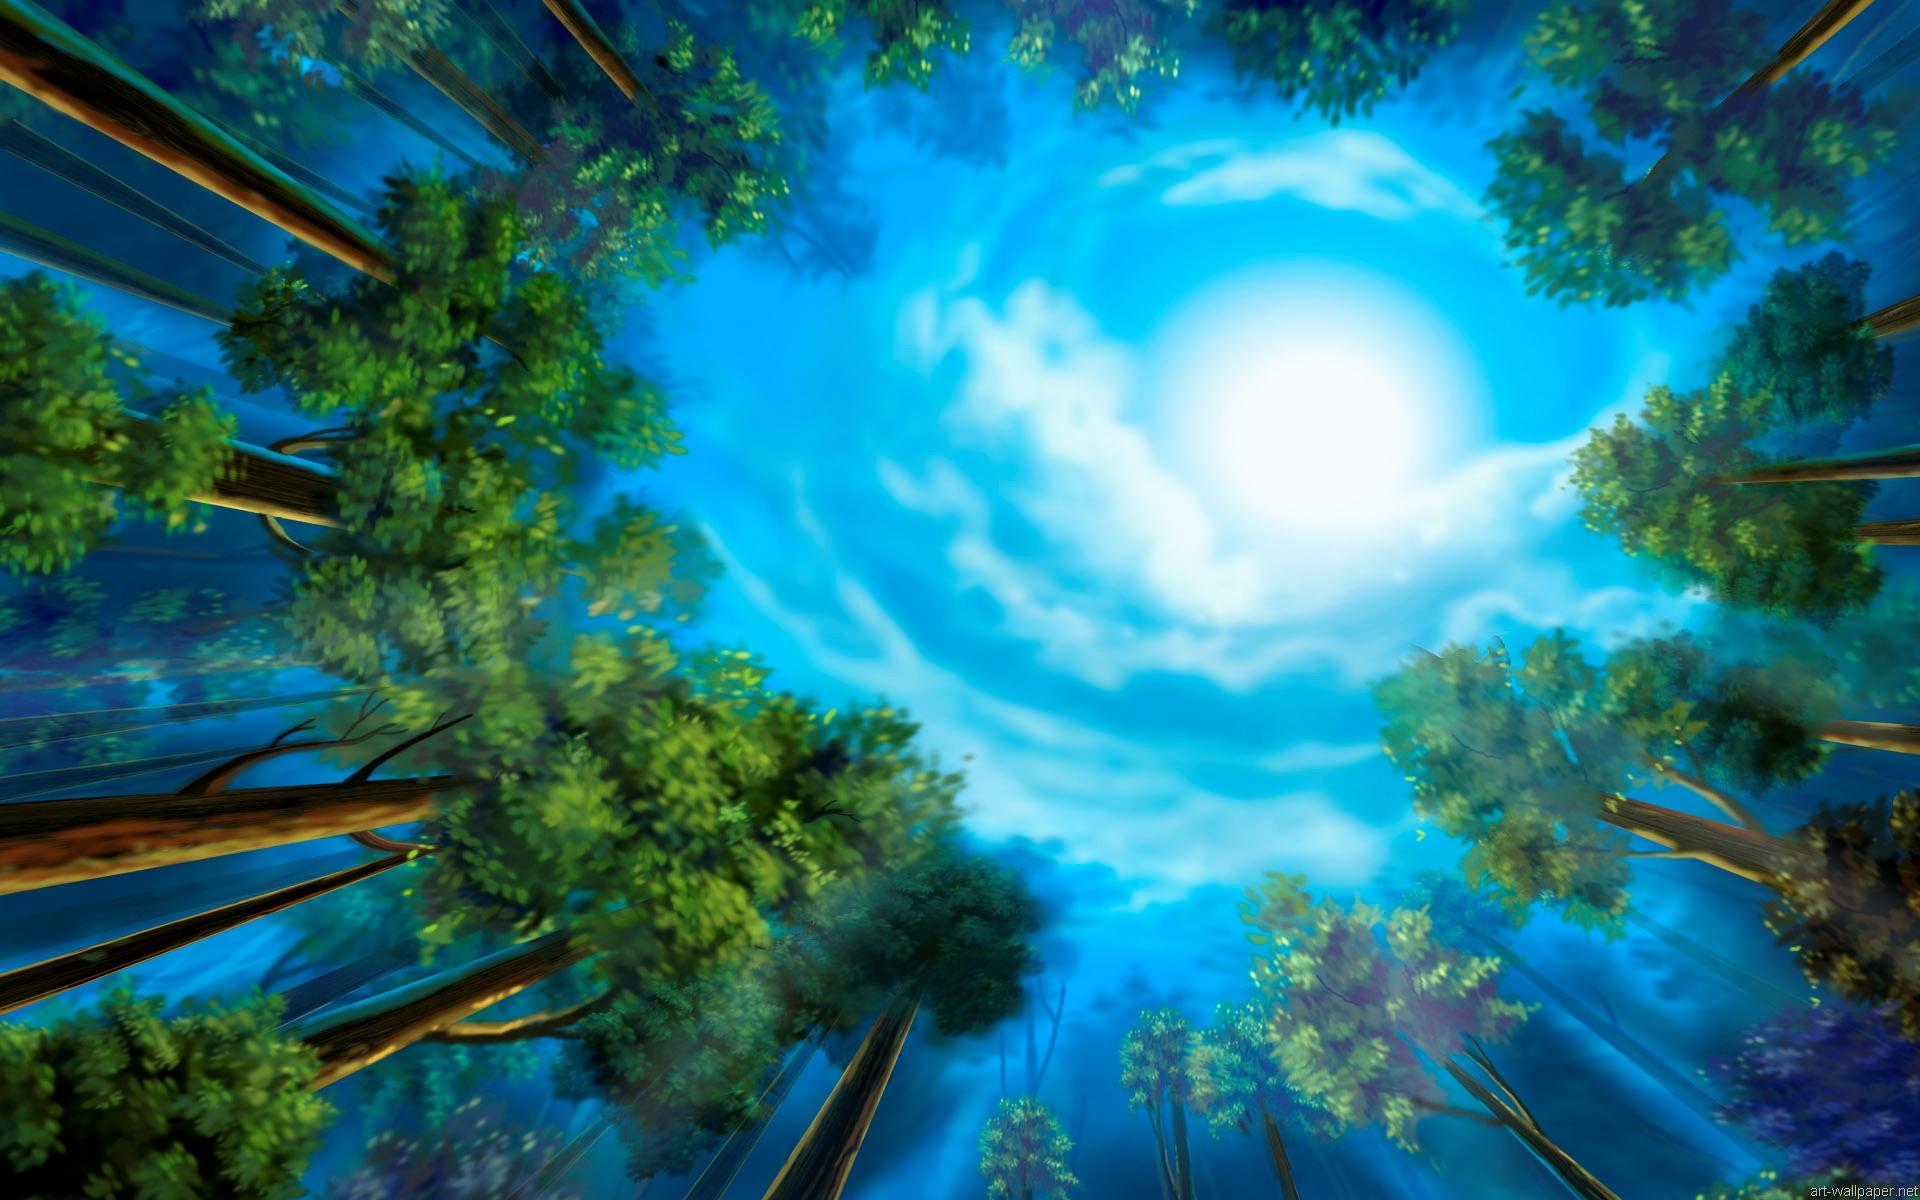 Oktopus Megan Fox Computer Digital Art Wallpaper Hd Widescreen